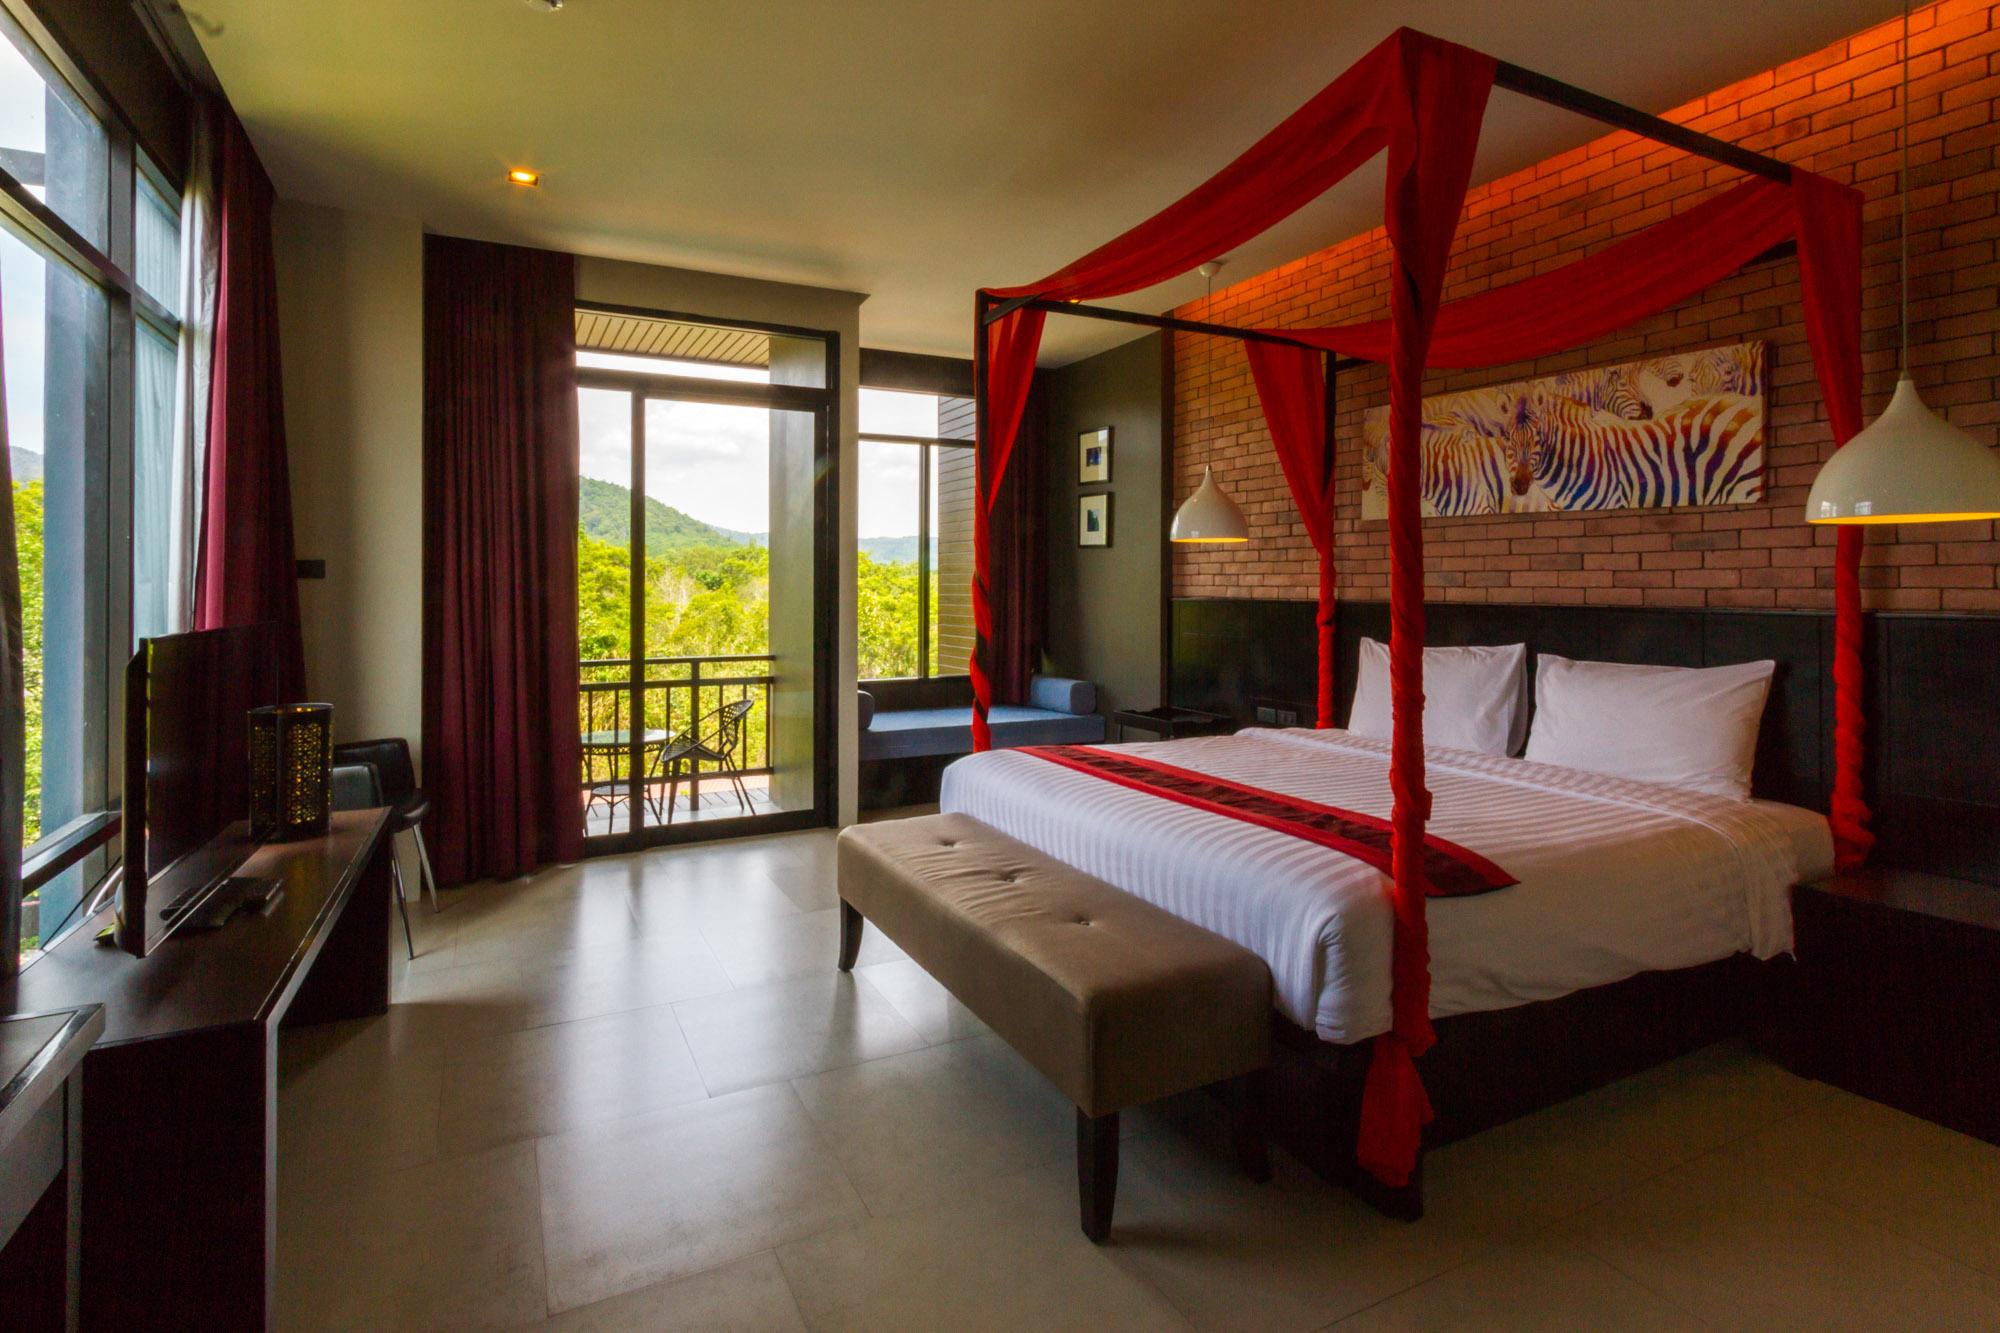 Tama Hotel Halal Krabi เดอะ ตะมะ โฮเทล  Tama Hotel Krabi เดอะ ตะมะ โฮเทล อ่าวน้ำเมา กระบี่ IMG 0026